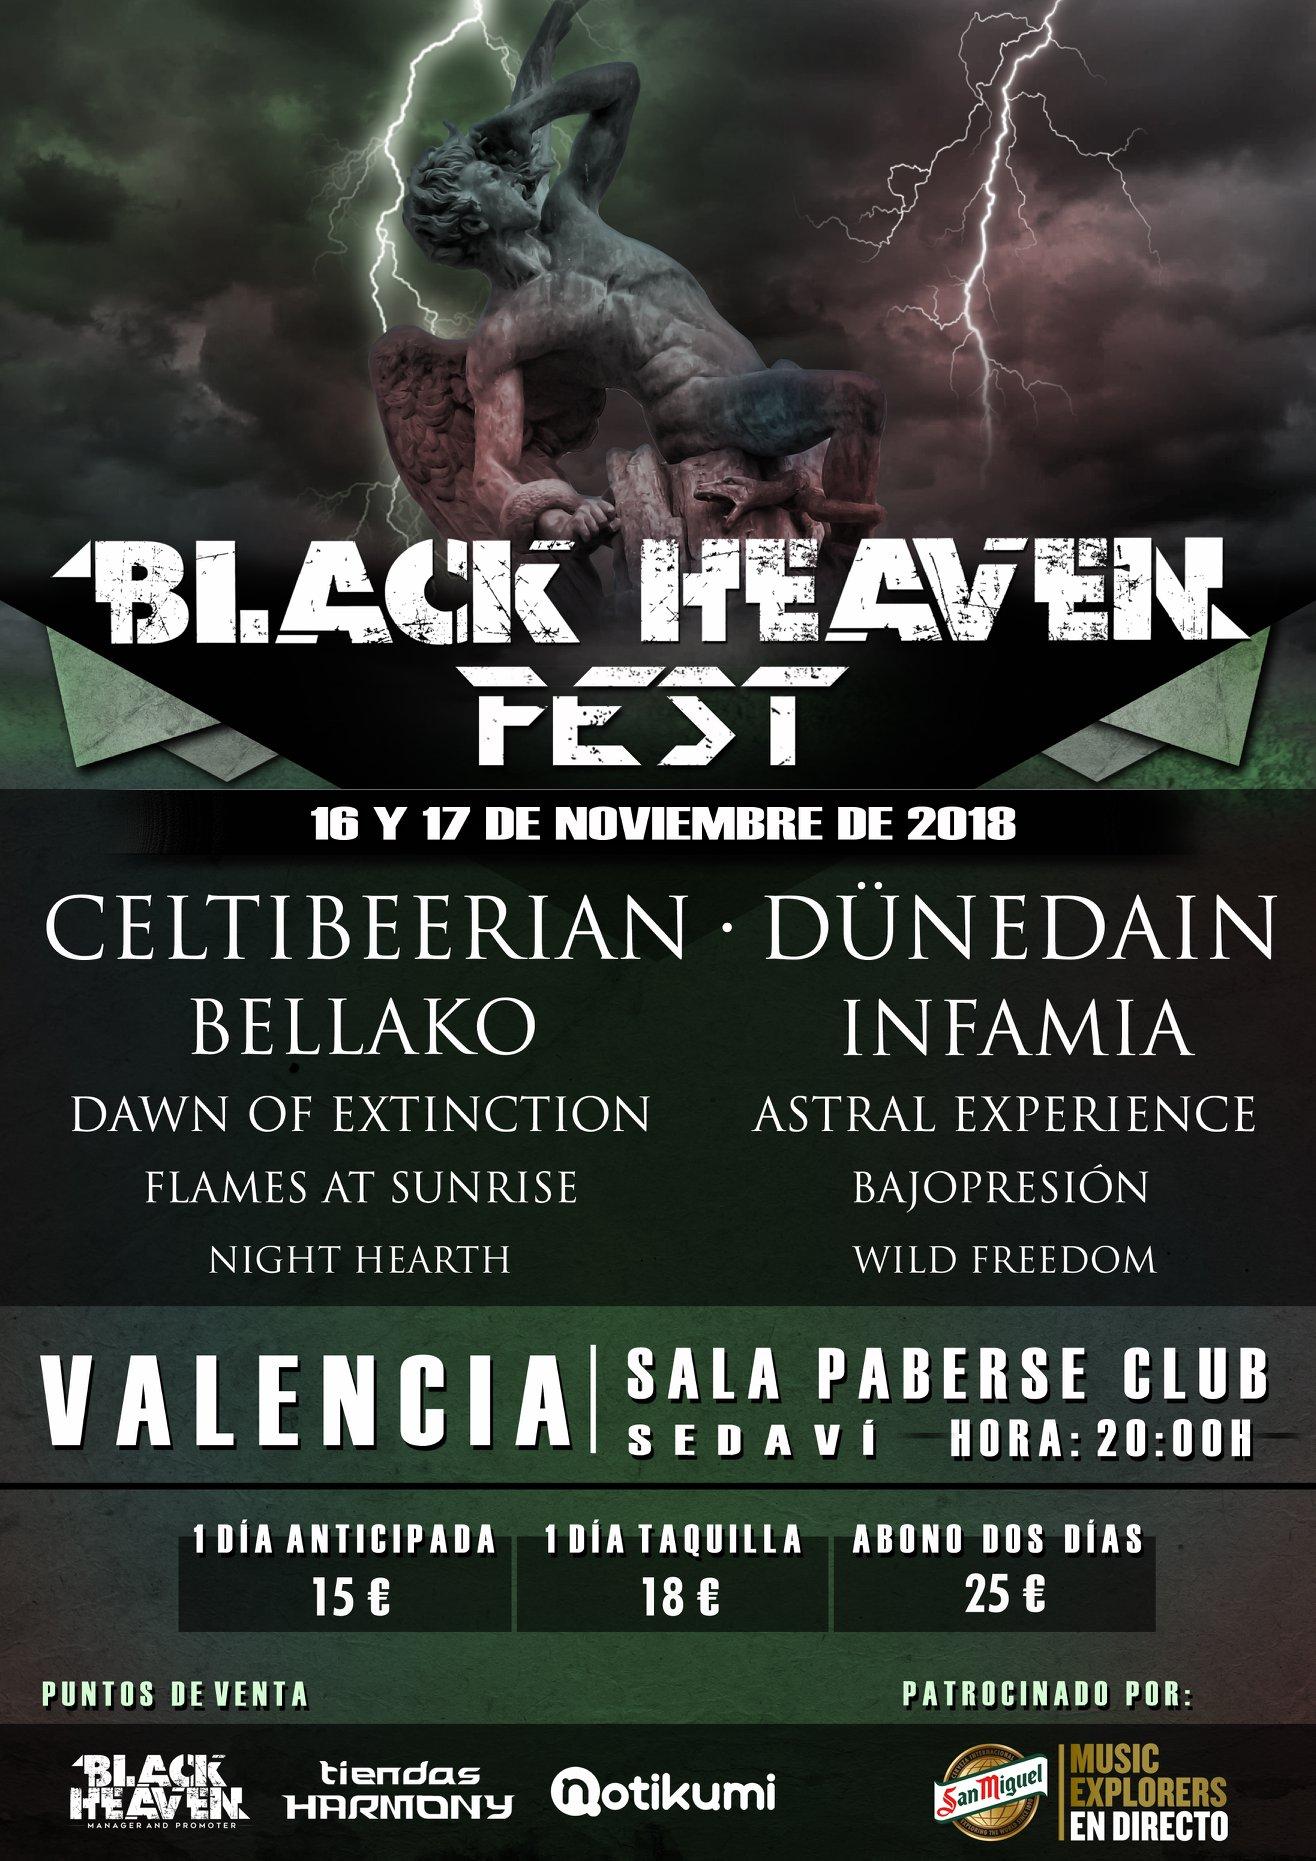 BLACK HEAVEN FEST 2018 – 16 y 17 de noviembre (Valencia)